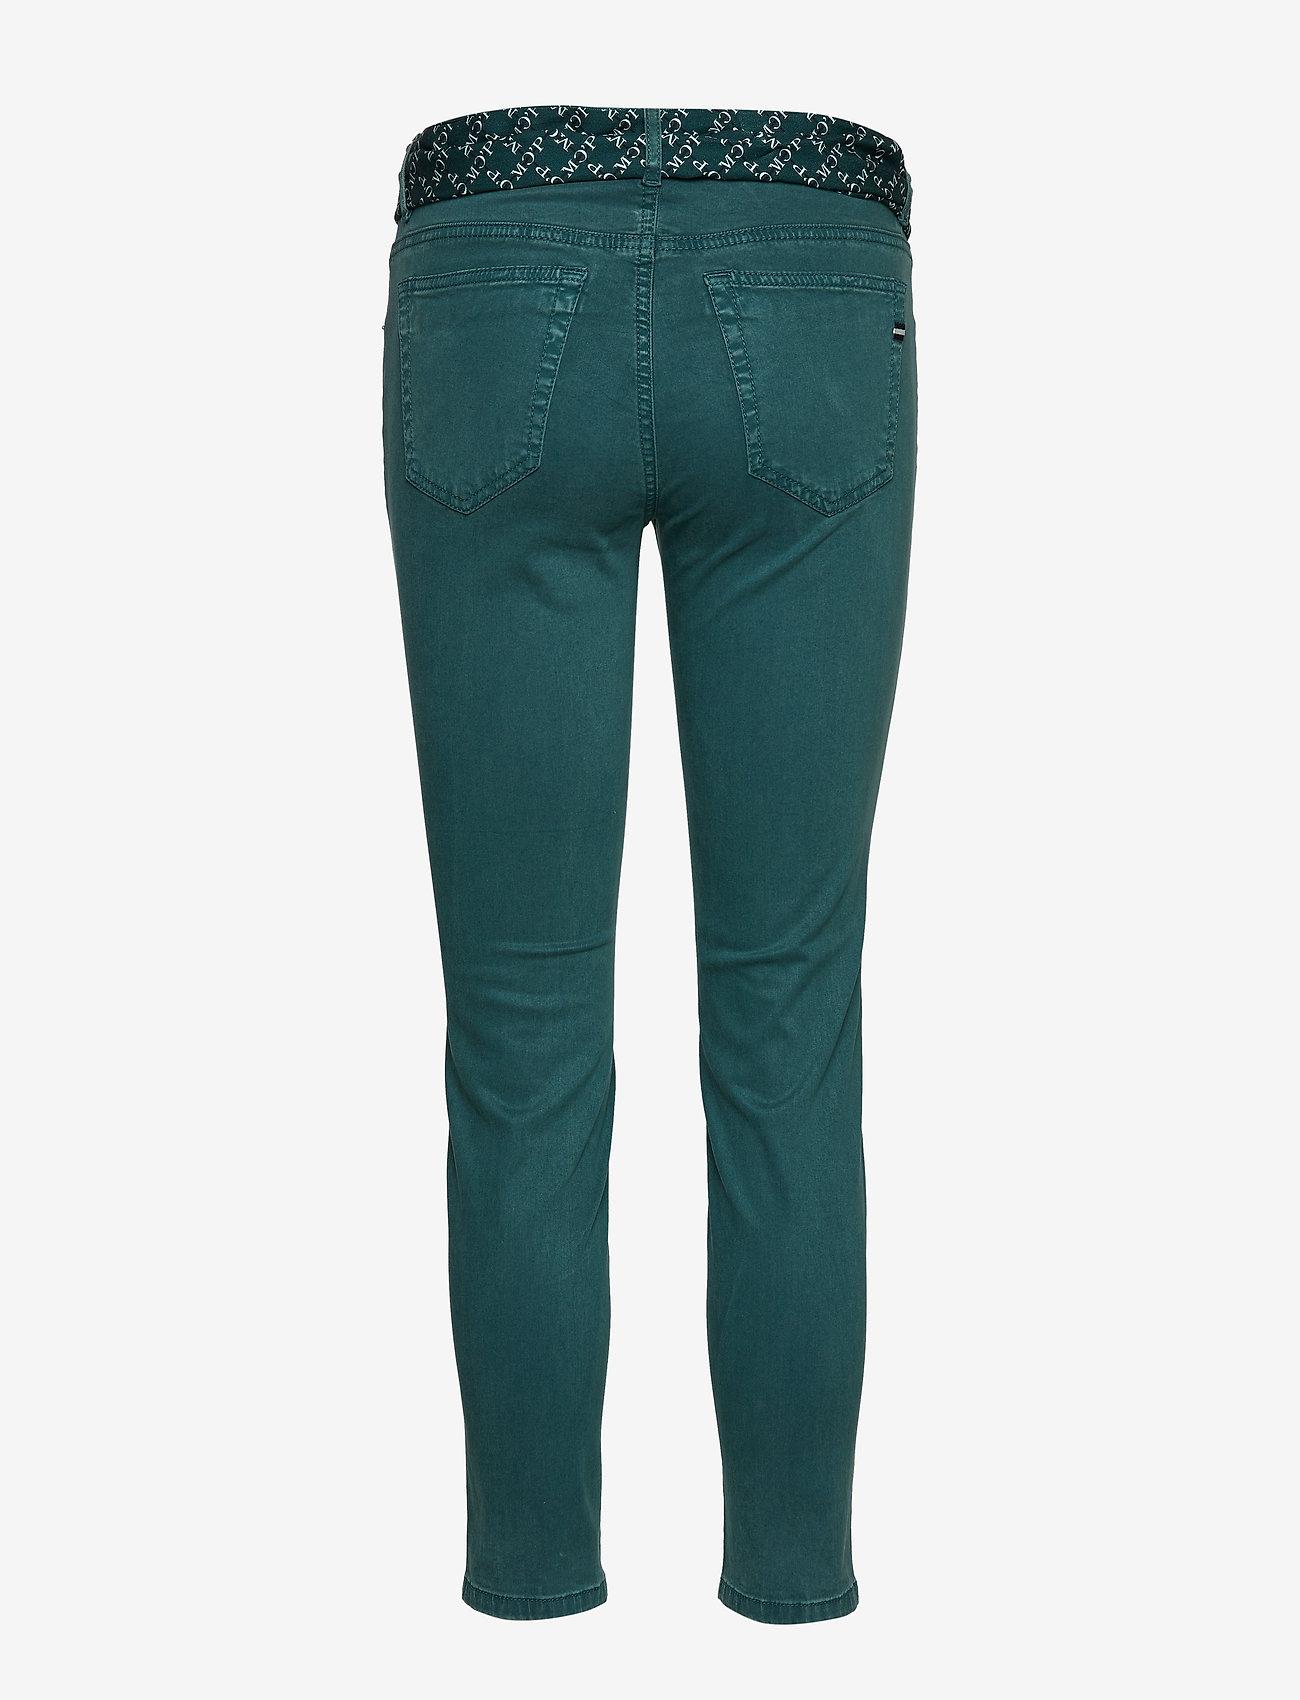 Marc O'Polo - Jeans - skinny jeans - dusky emerald - 1